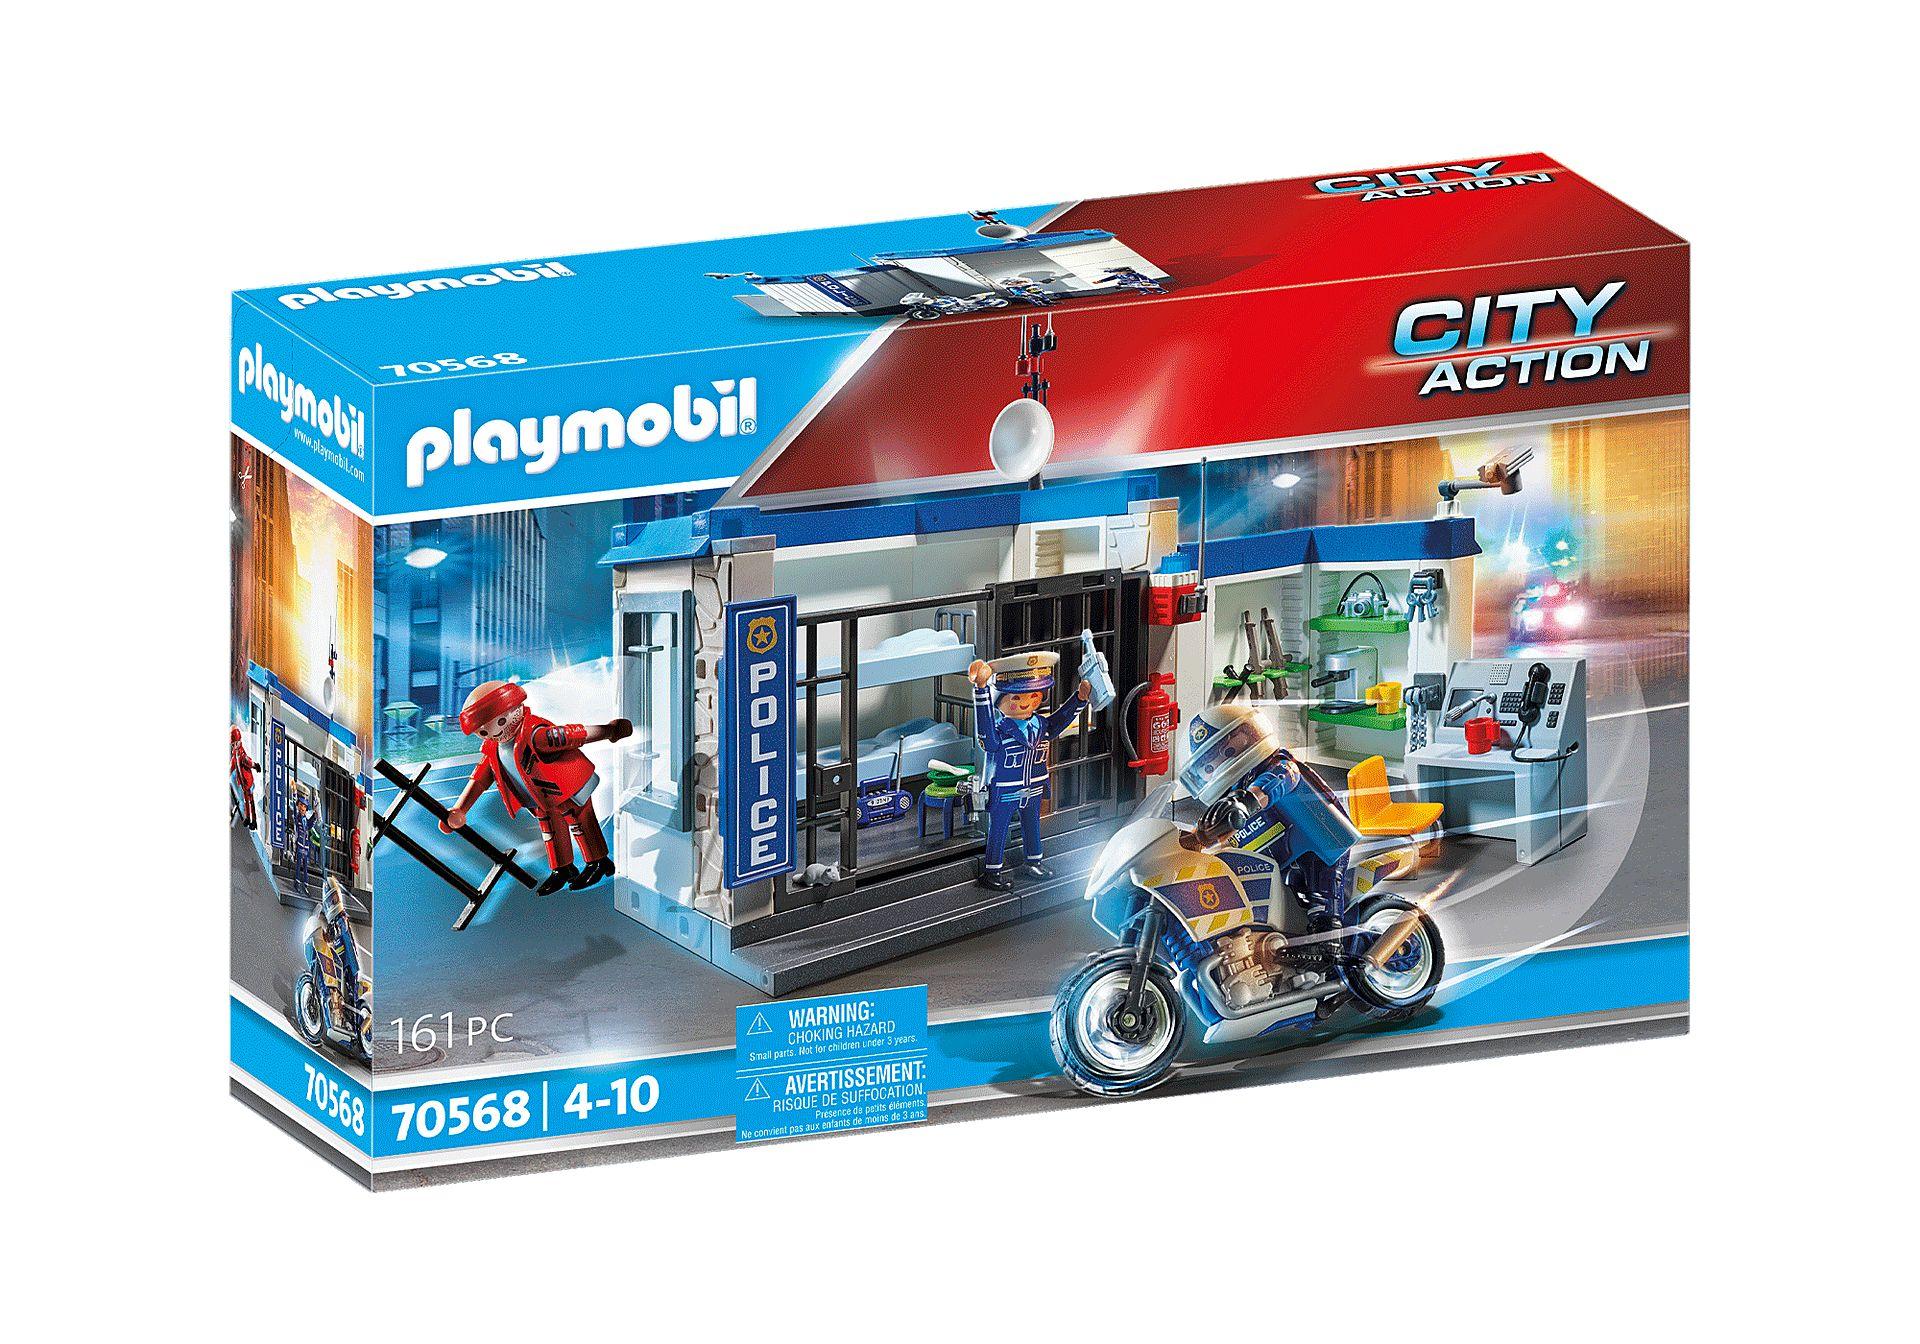 PLAYMOBIL 70568 POLICIA ESCAPE DE LA PRISION